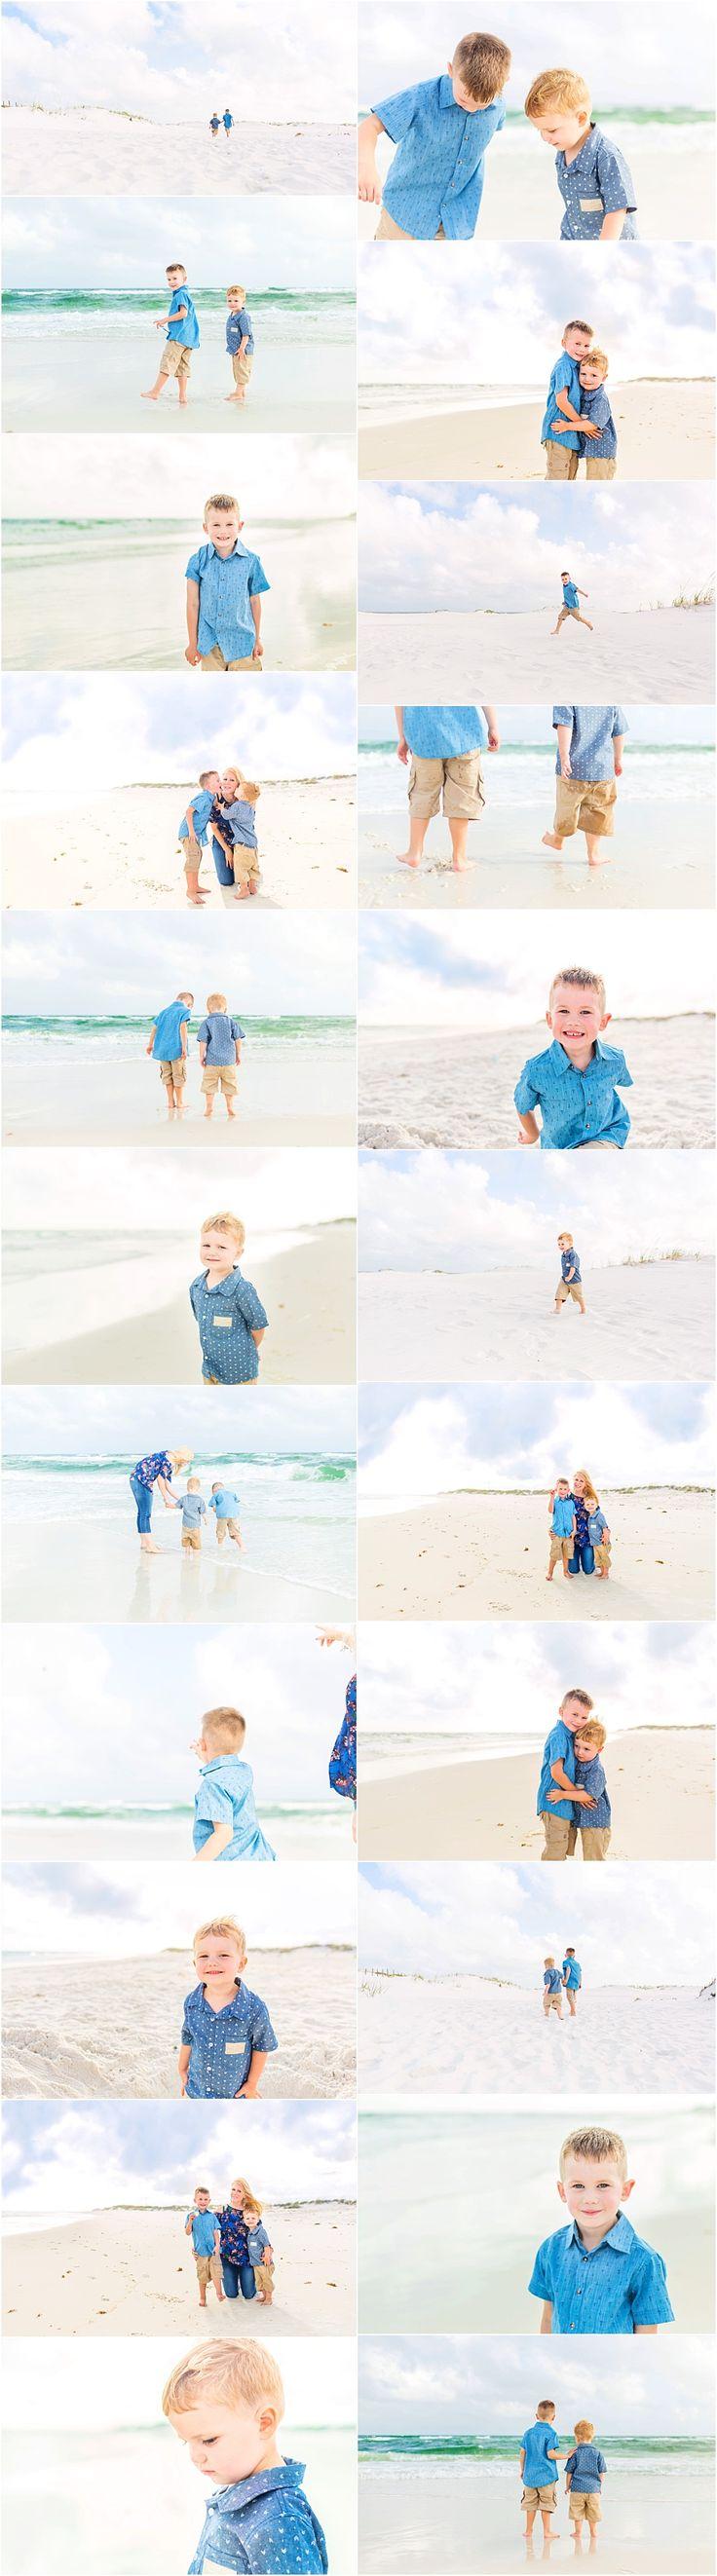 Beach pictures, children beach photography, children boy photography